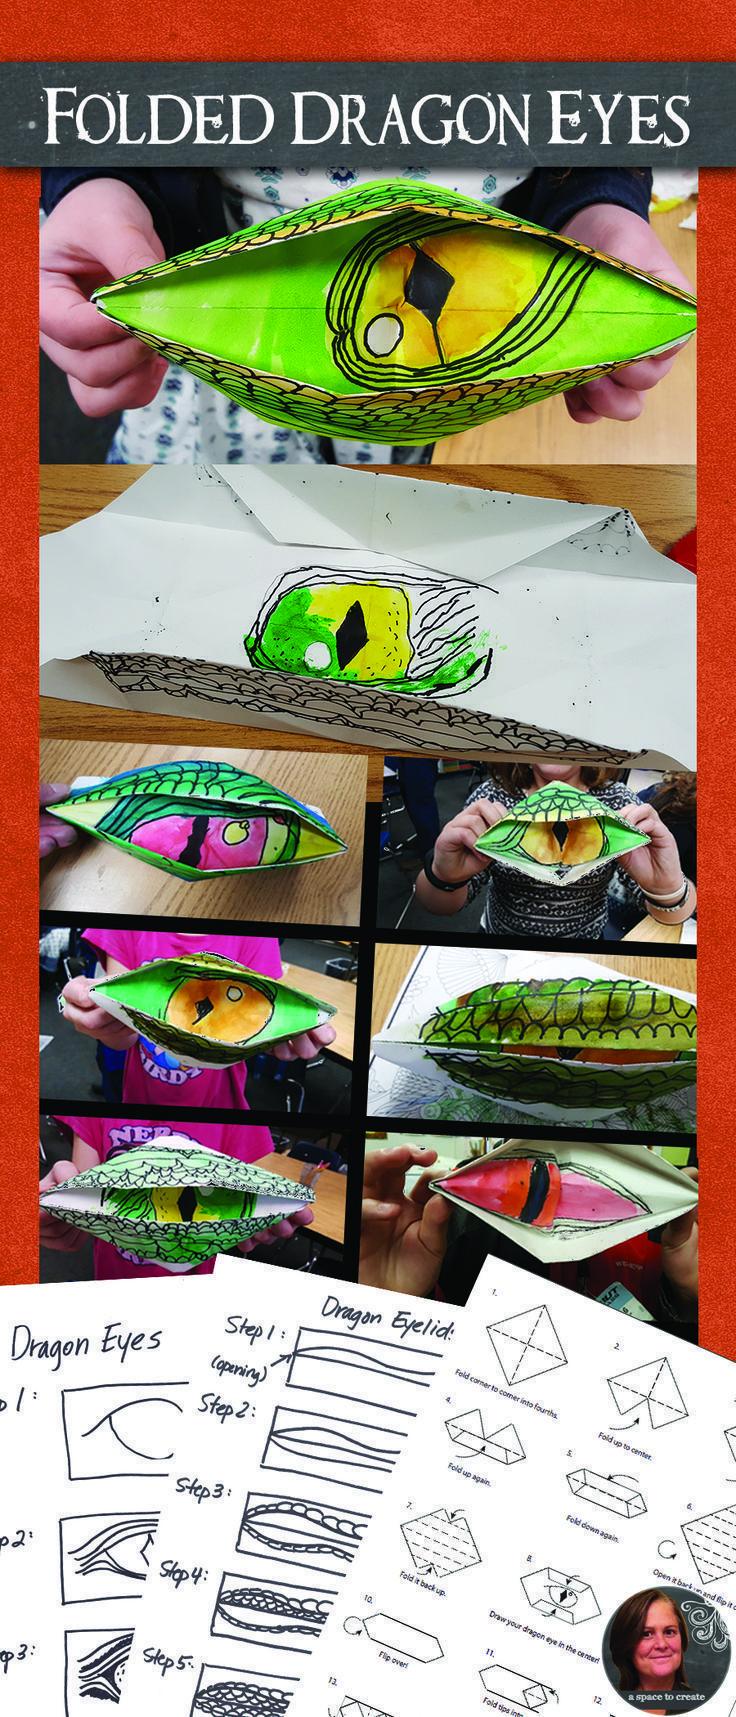 Folded dragon eyes art lesson dragon origami art lesson dragon folded dragon eyes art lesson dragon origami art lesson dragon eyes origami dragon dragon eye and origami jeuxipadfo Choice Image